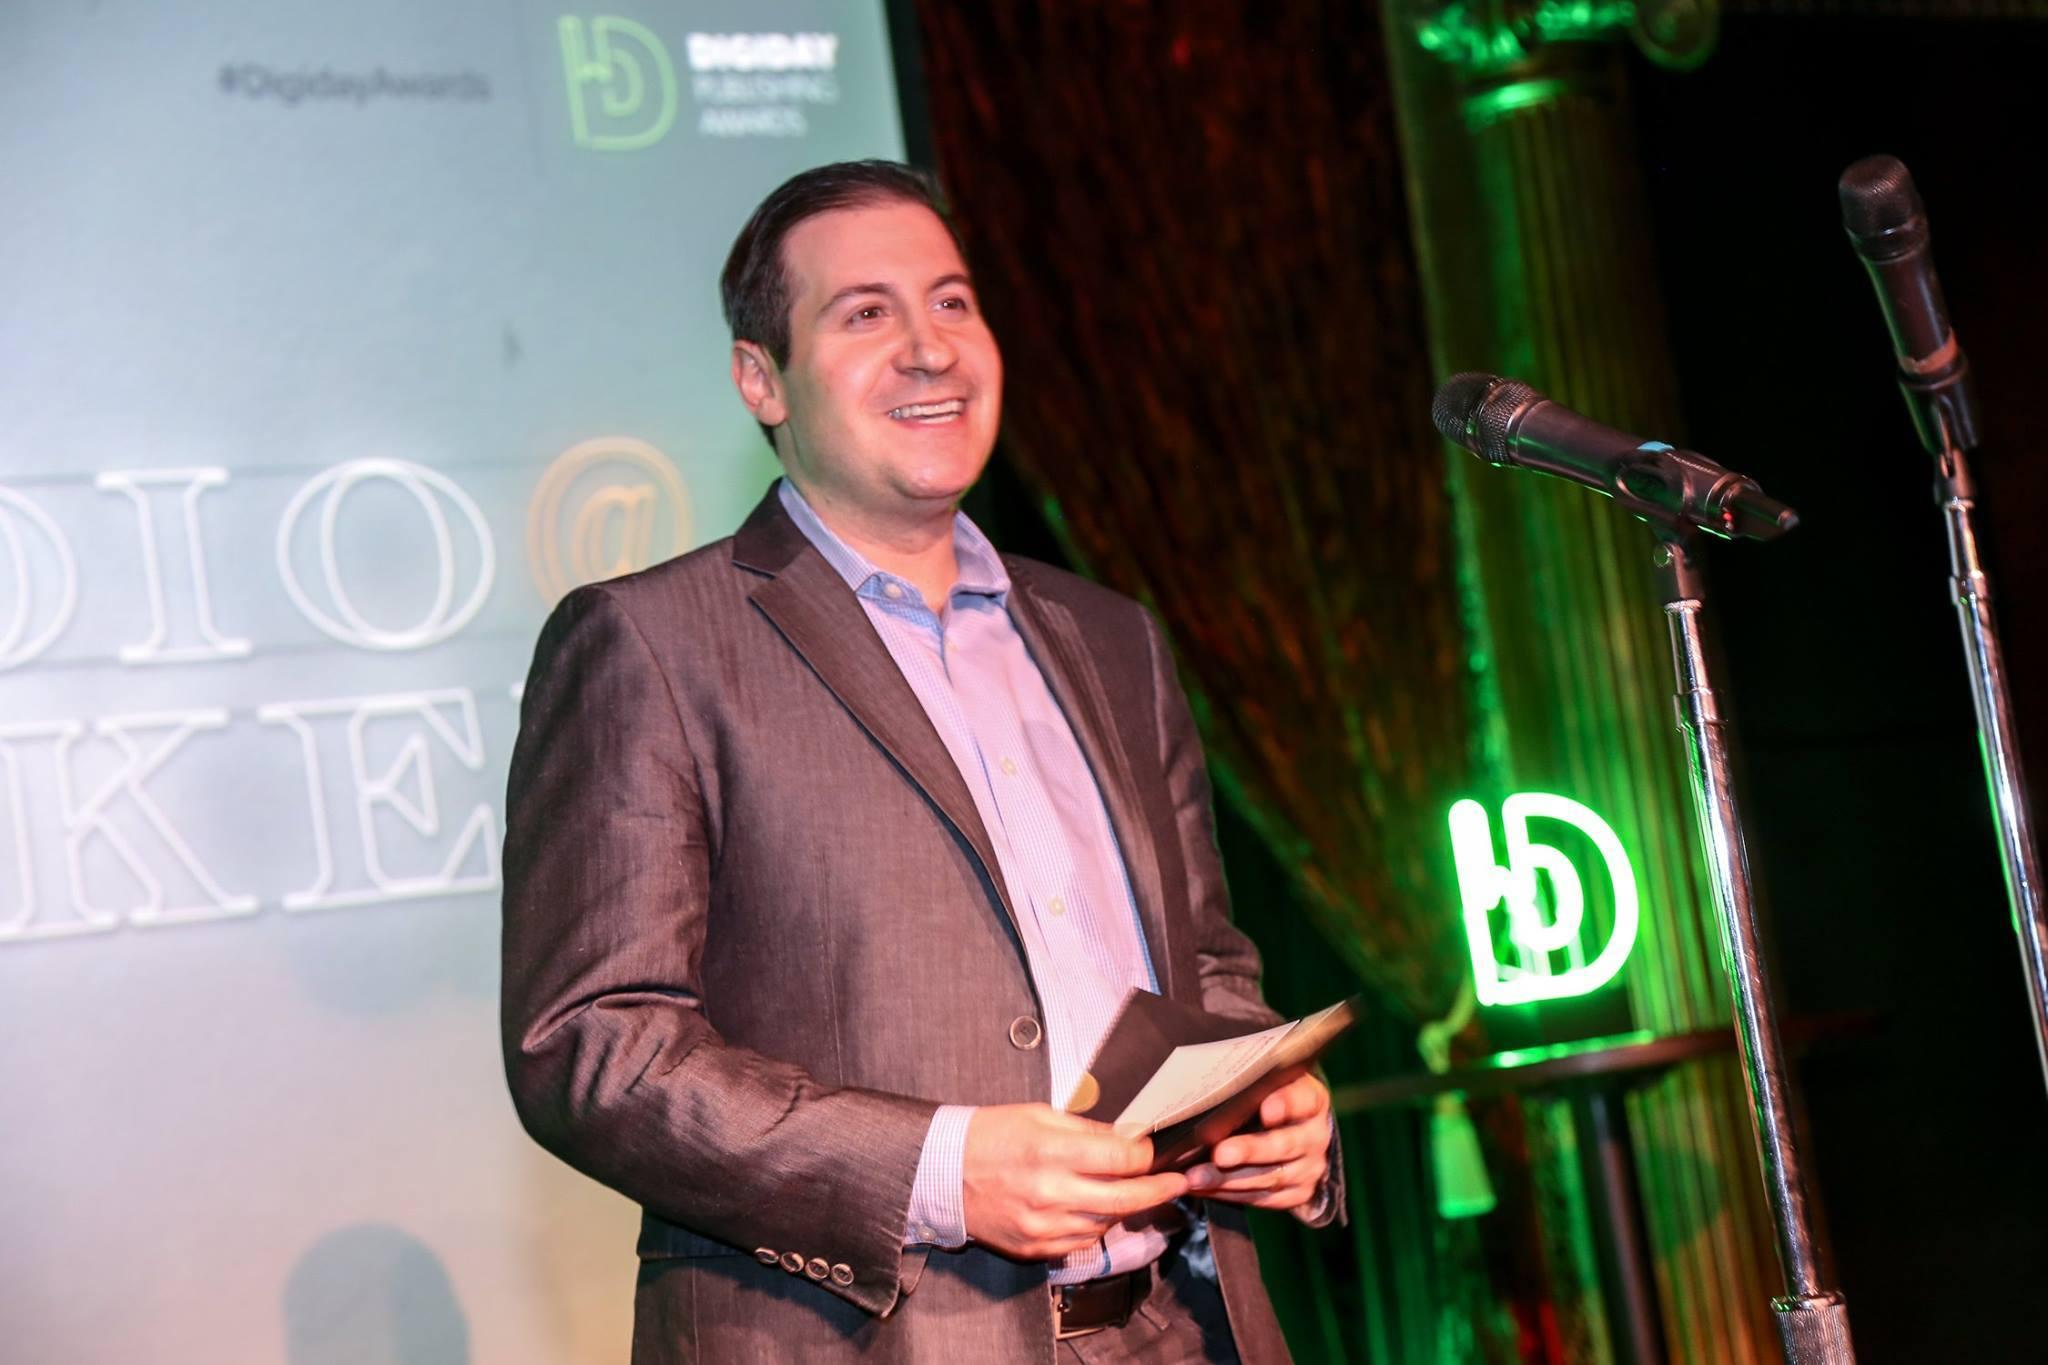 Bidtellect - Craig Aron Digiday Awards